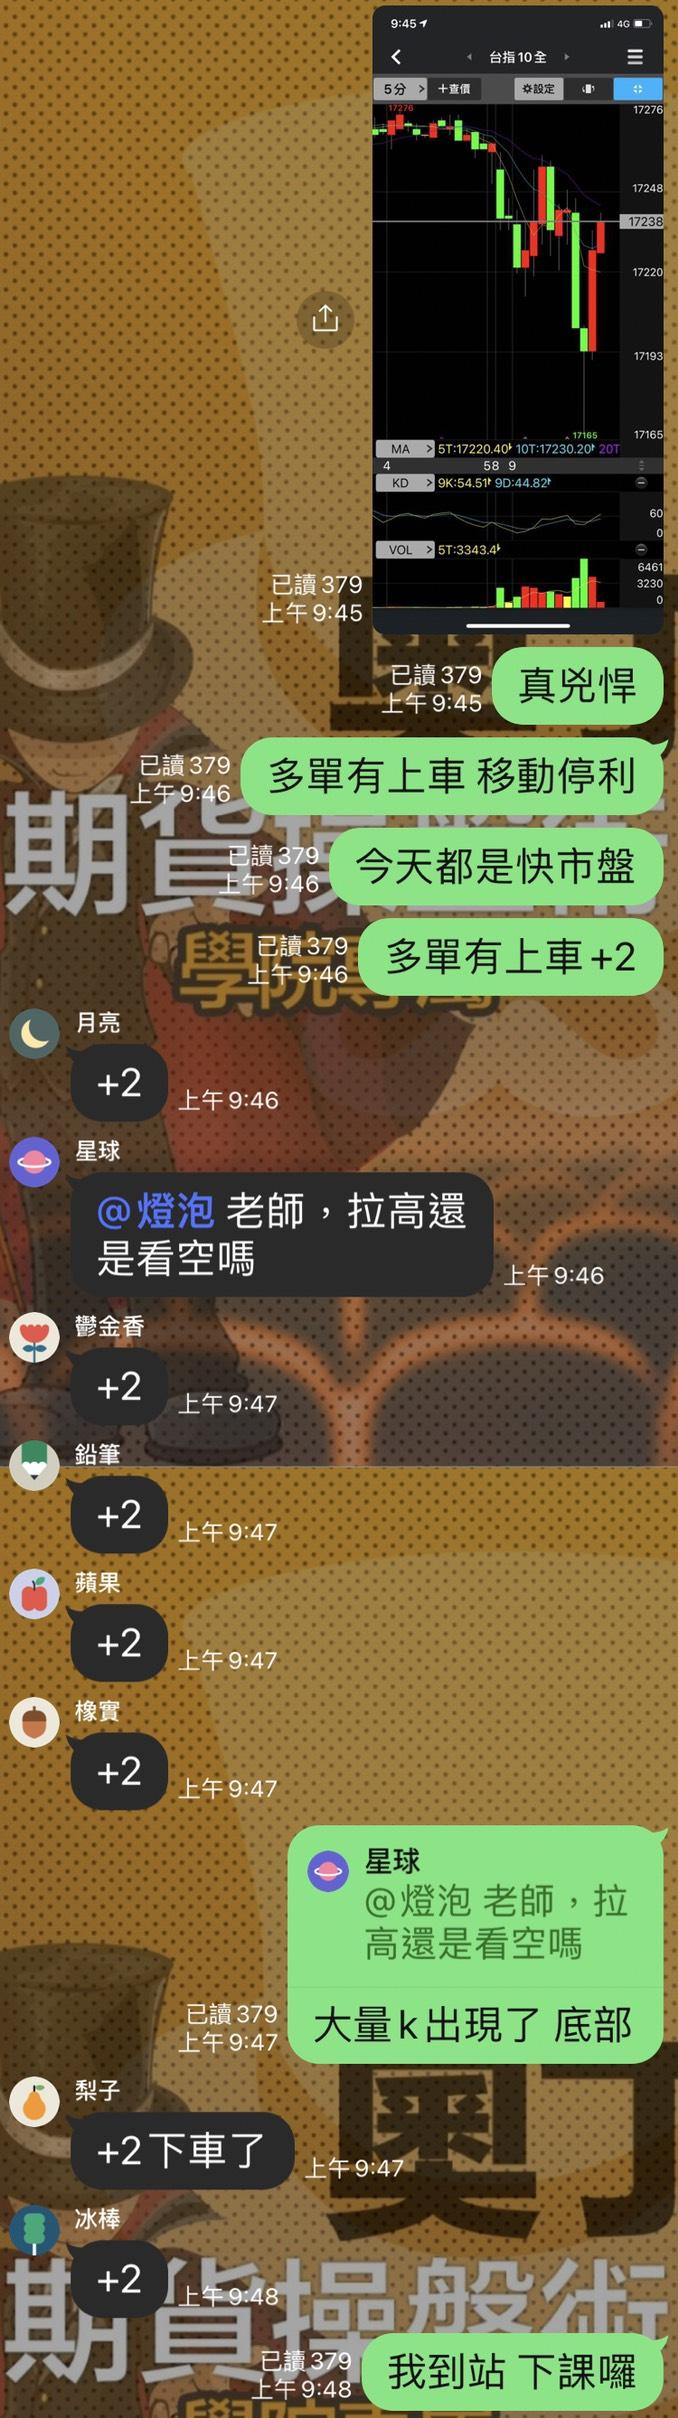 09月17日~~~山川戰法全書~~~大盤教學應用篇!!!